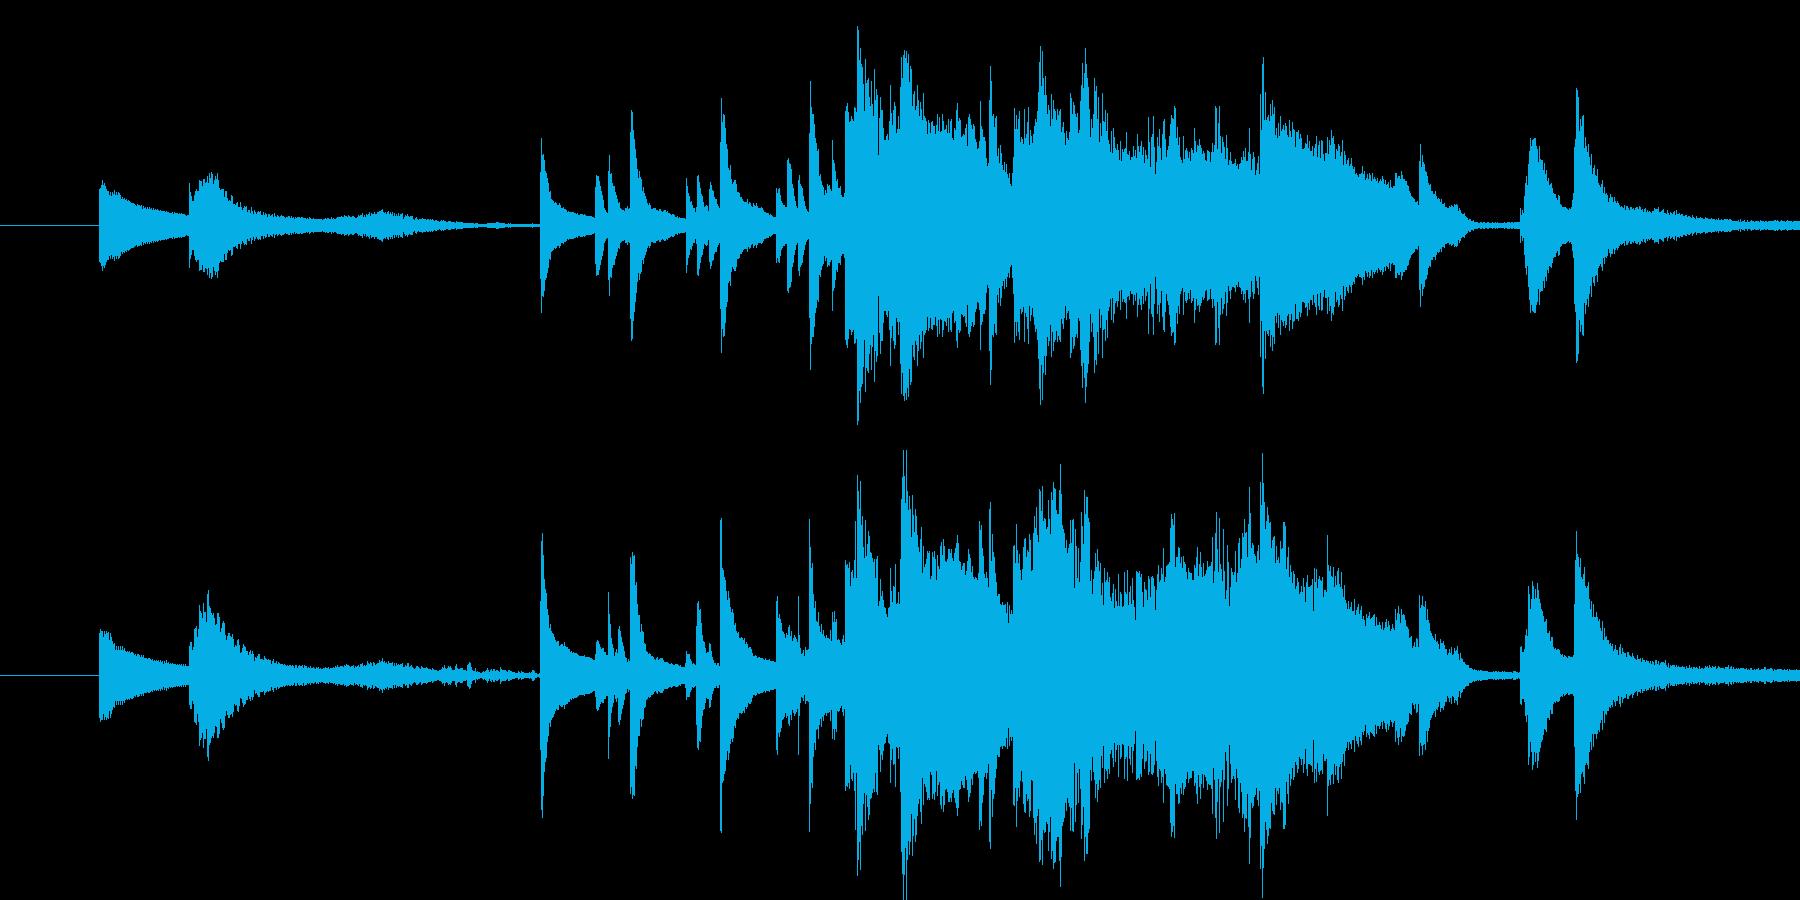 好きだった人に告白するイメージの音楽の再生済みの波形